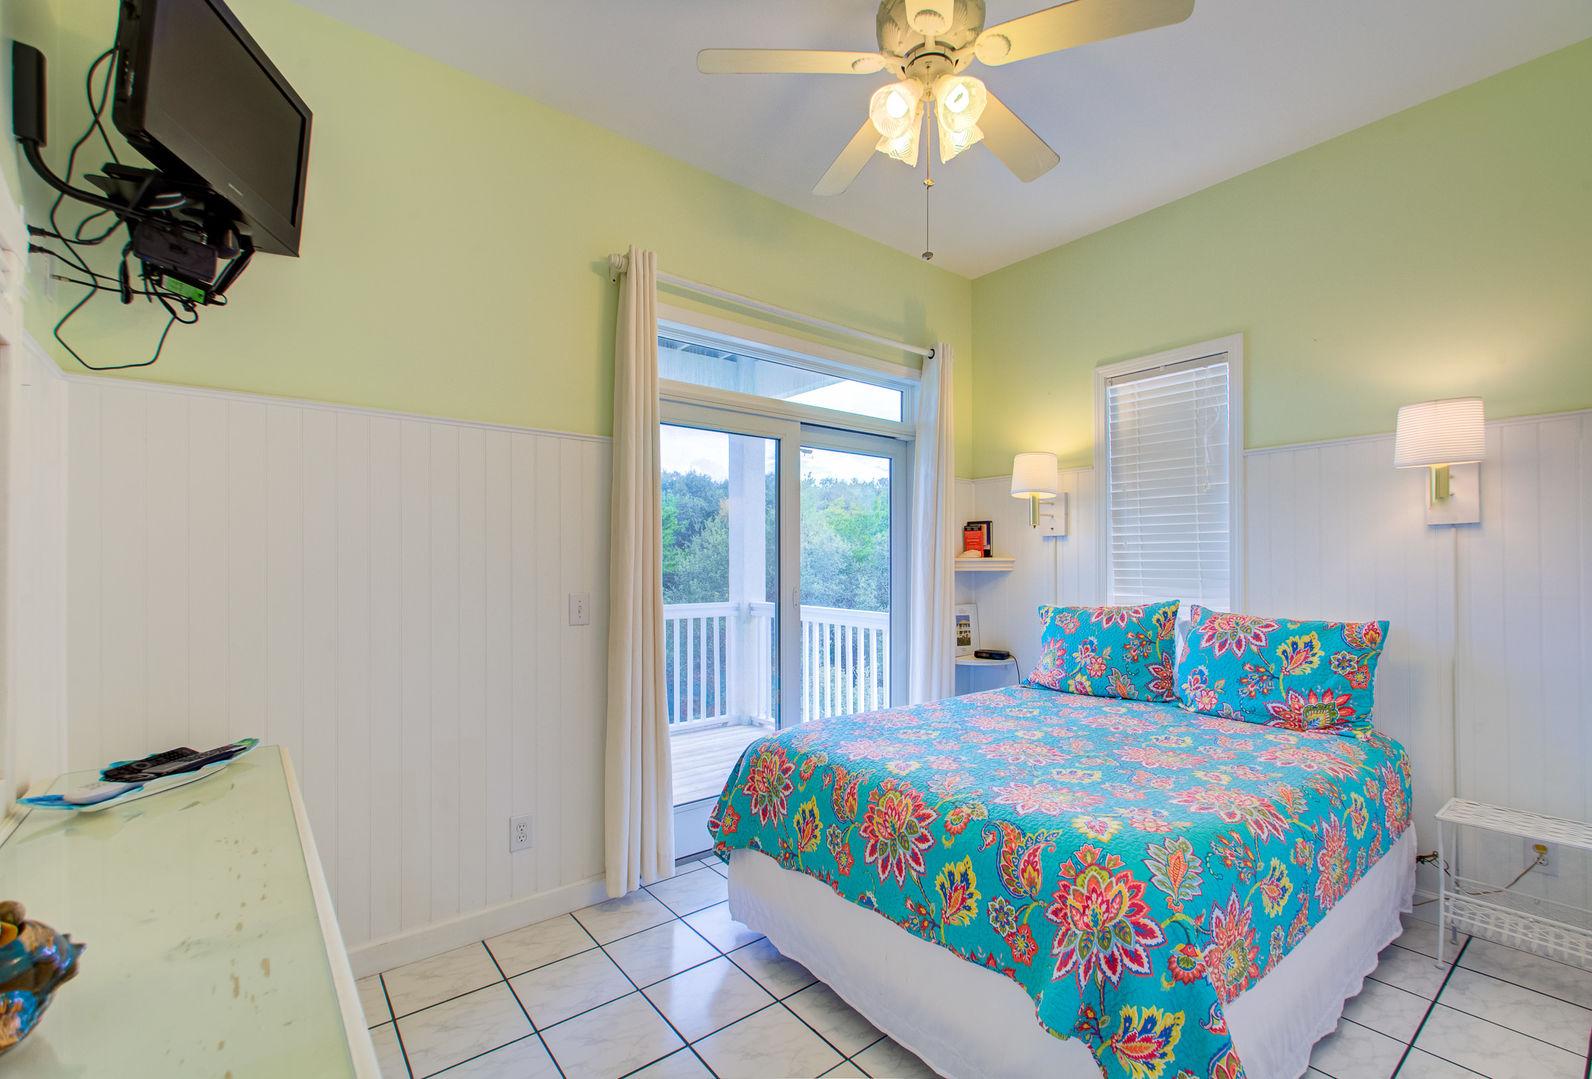 Bedroom Has Queen Bed and Large Dresser.